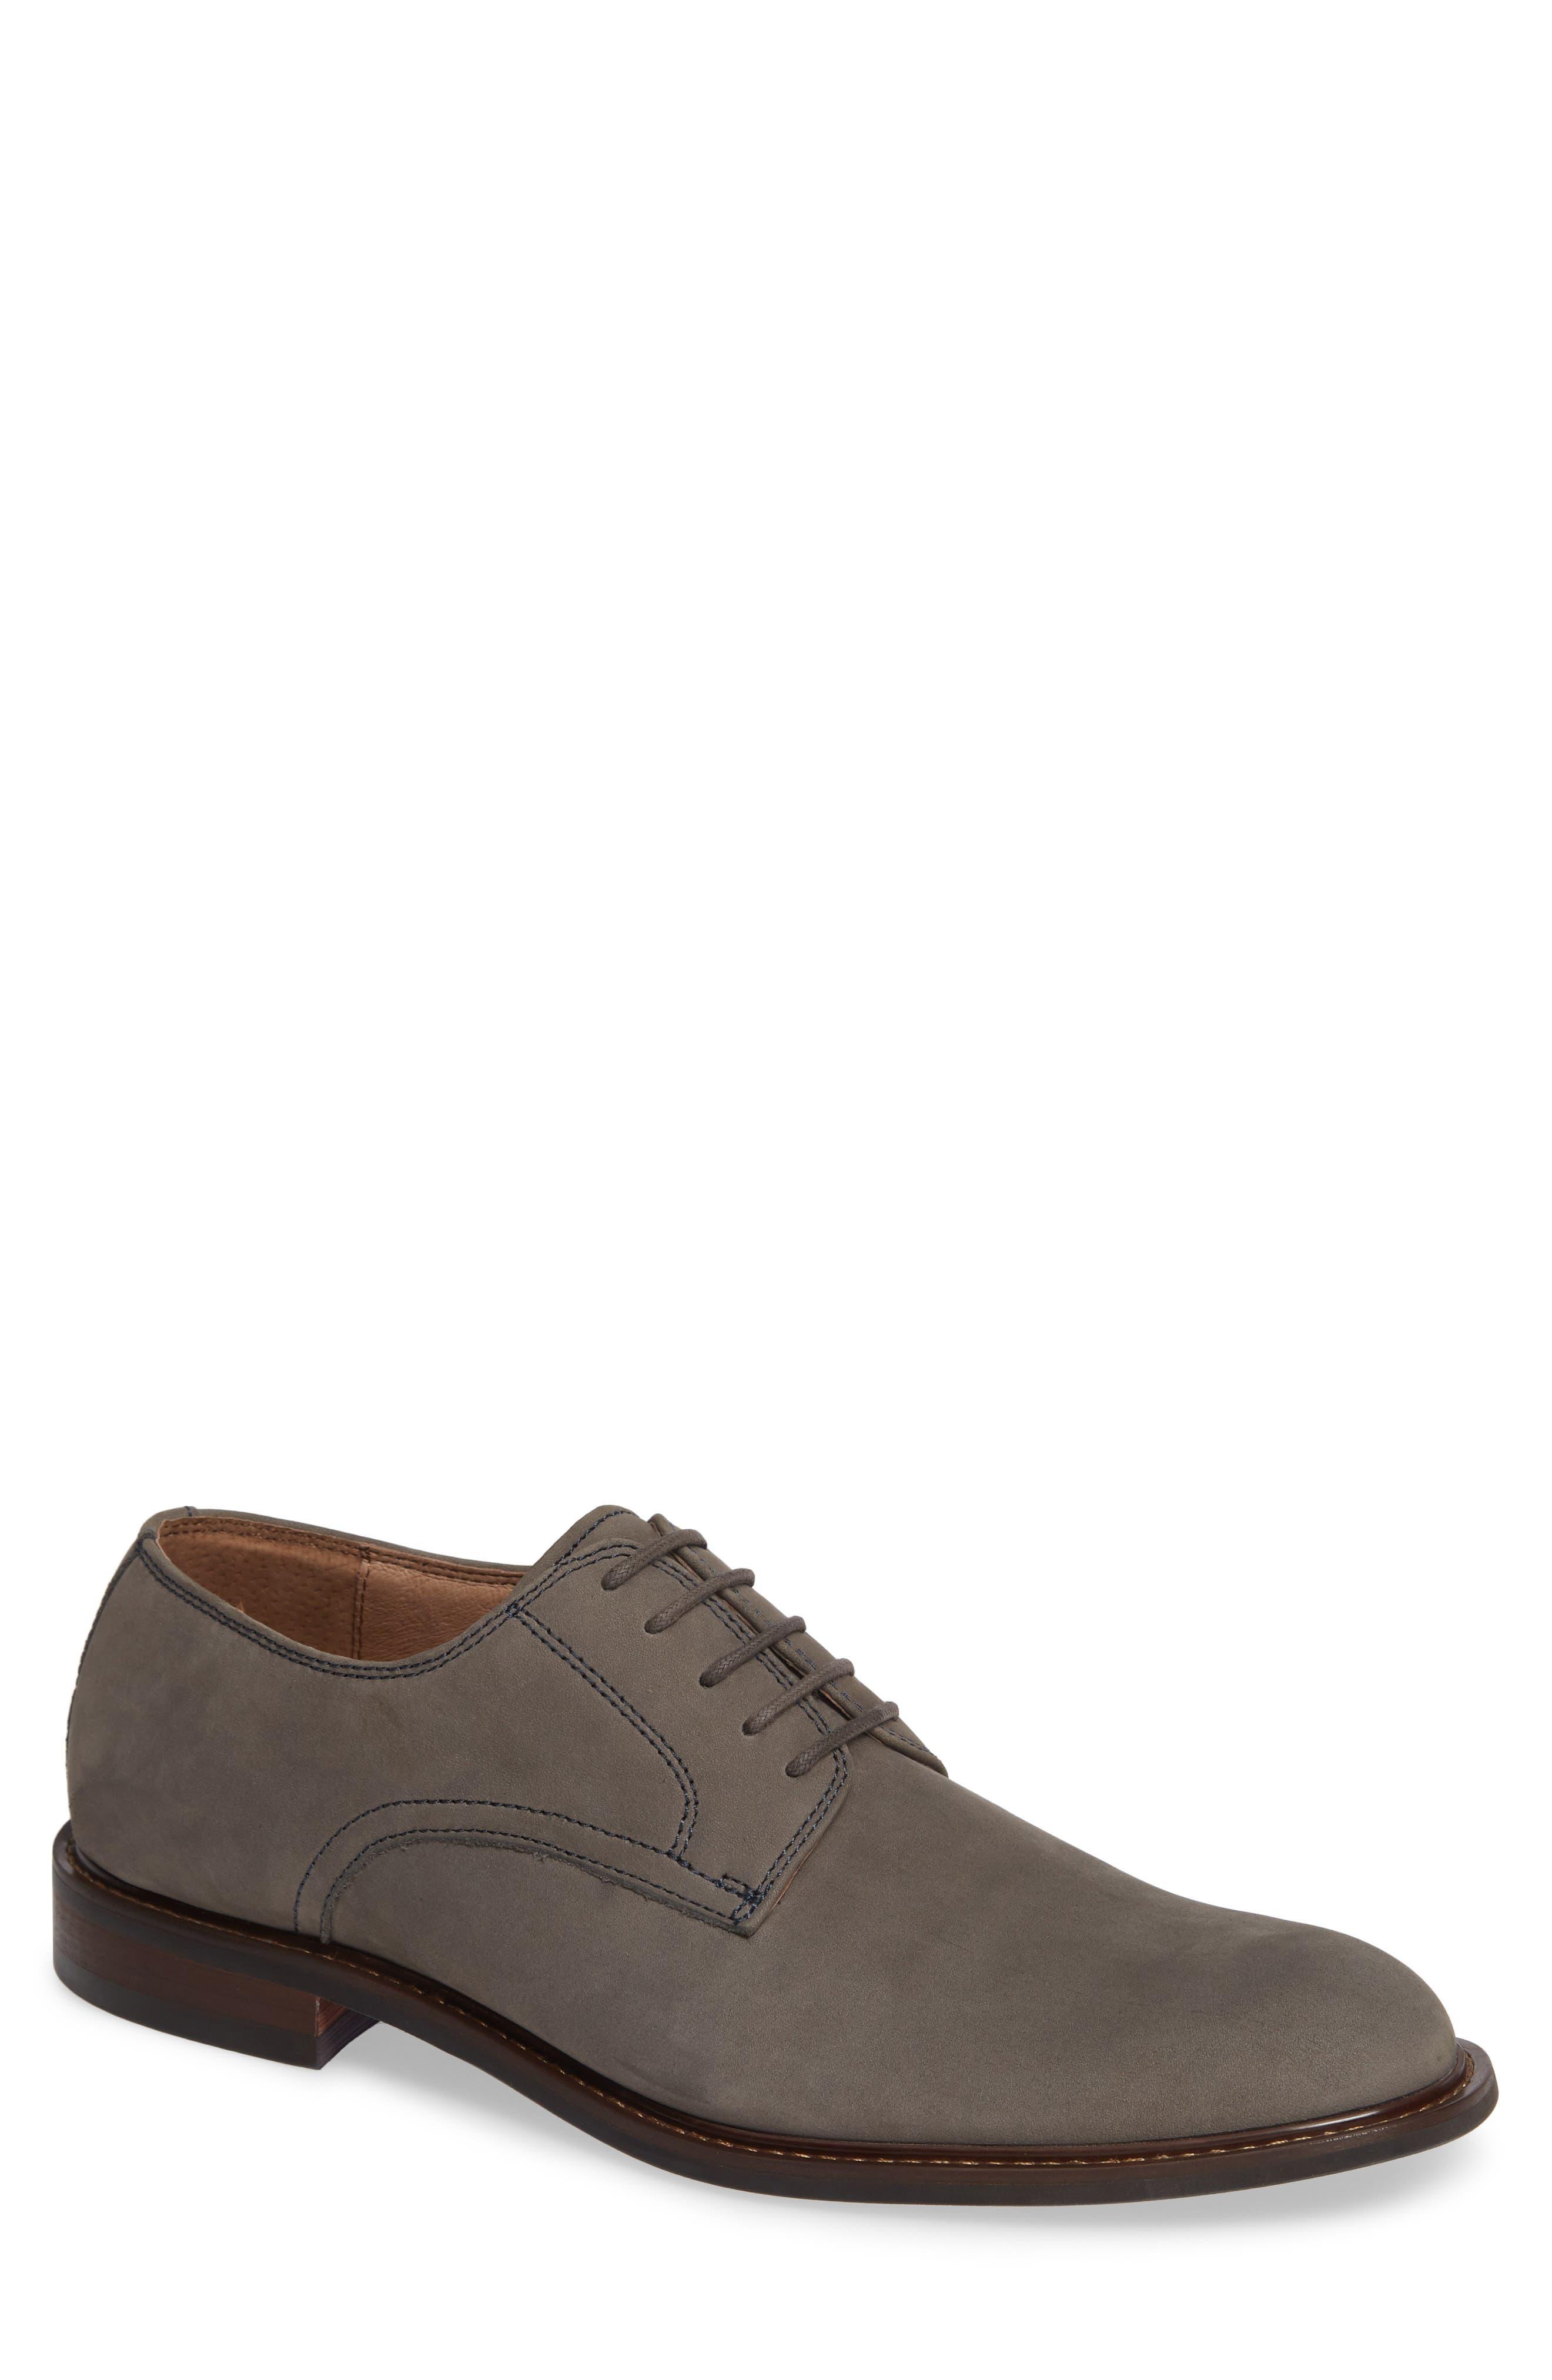 Richland Buck Shoe,                         Main,                         color, GREY SUEDE